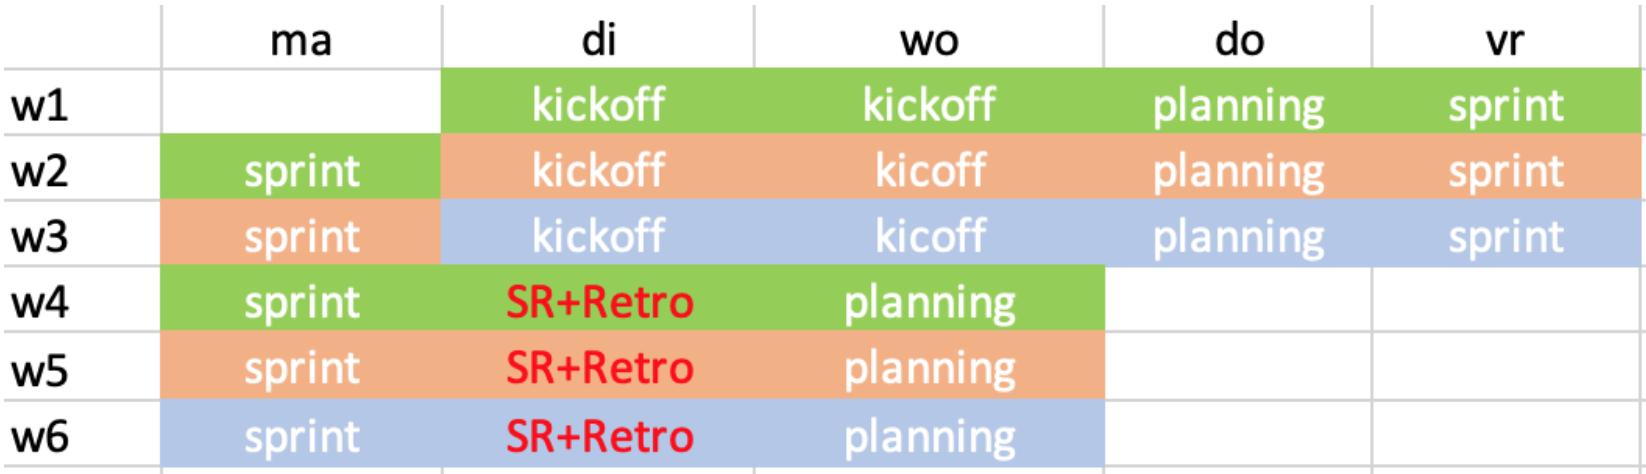 team schedule roland flemm